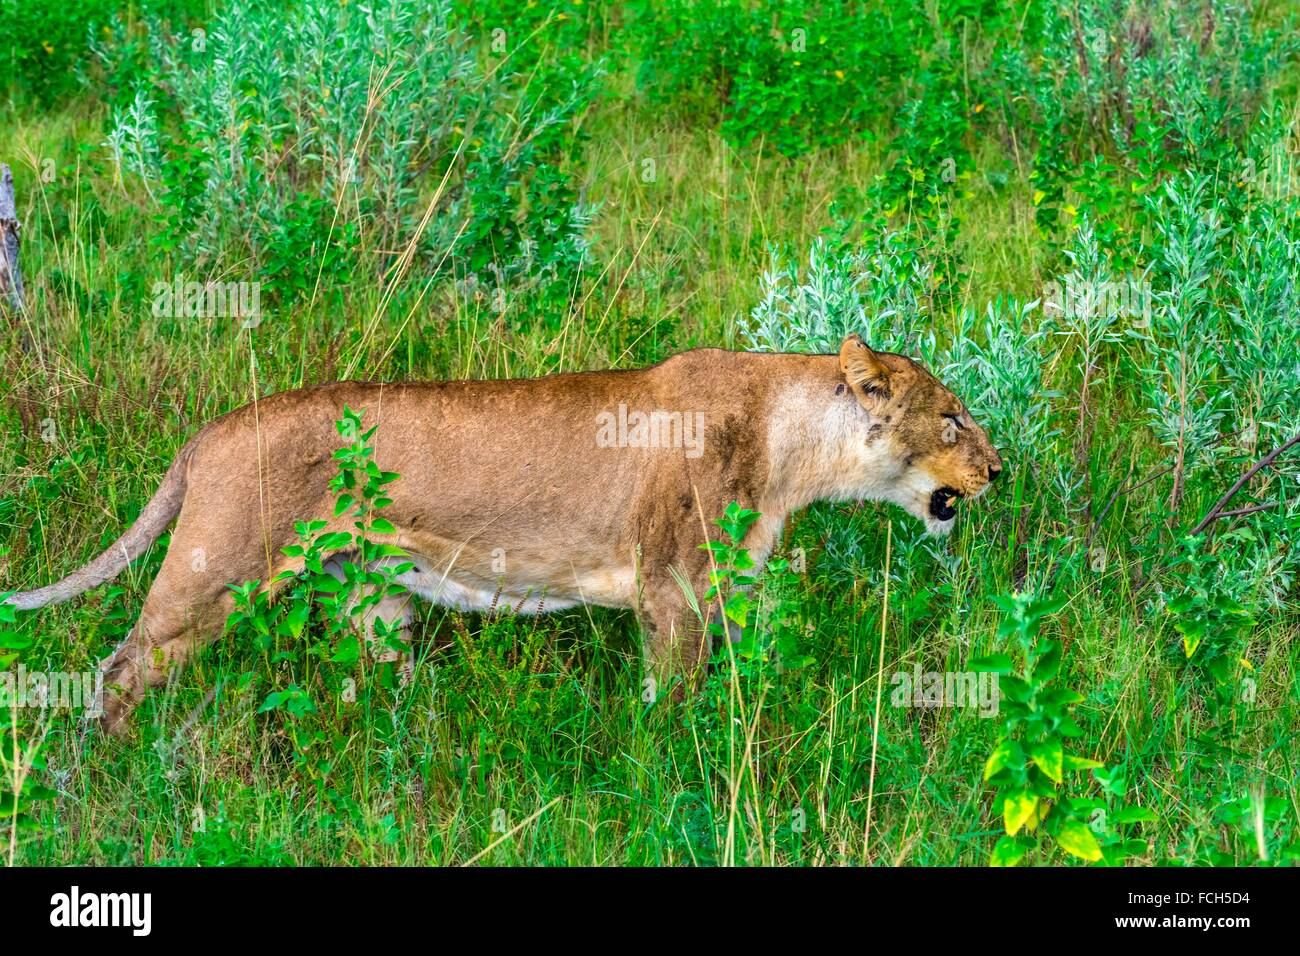 Female lion, Kwando Concession, Linyanti Marshes, Botswana. Stock Photo